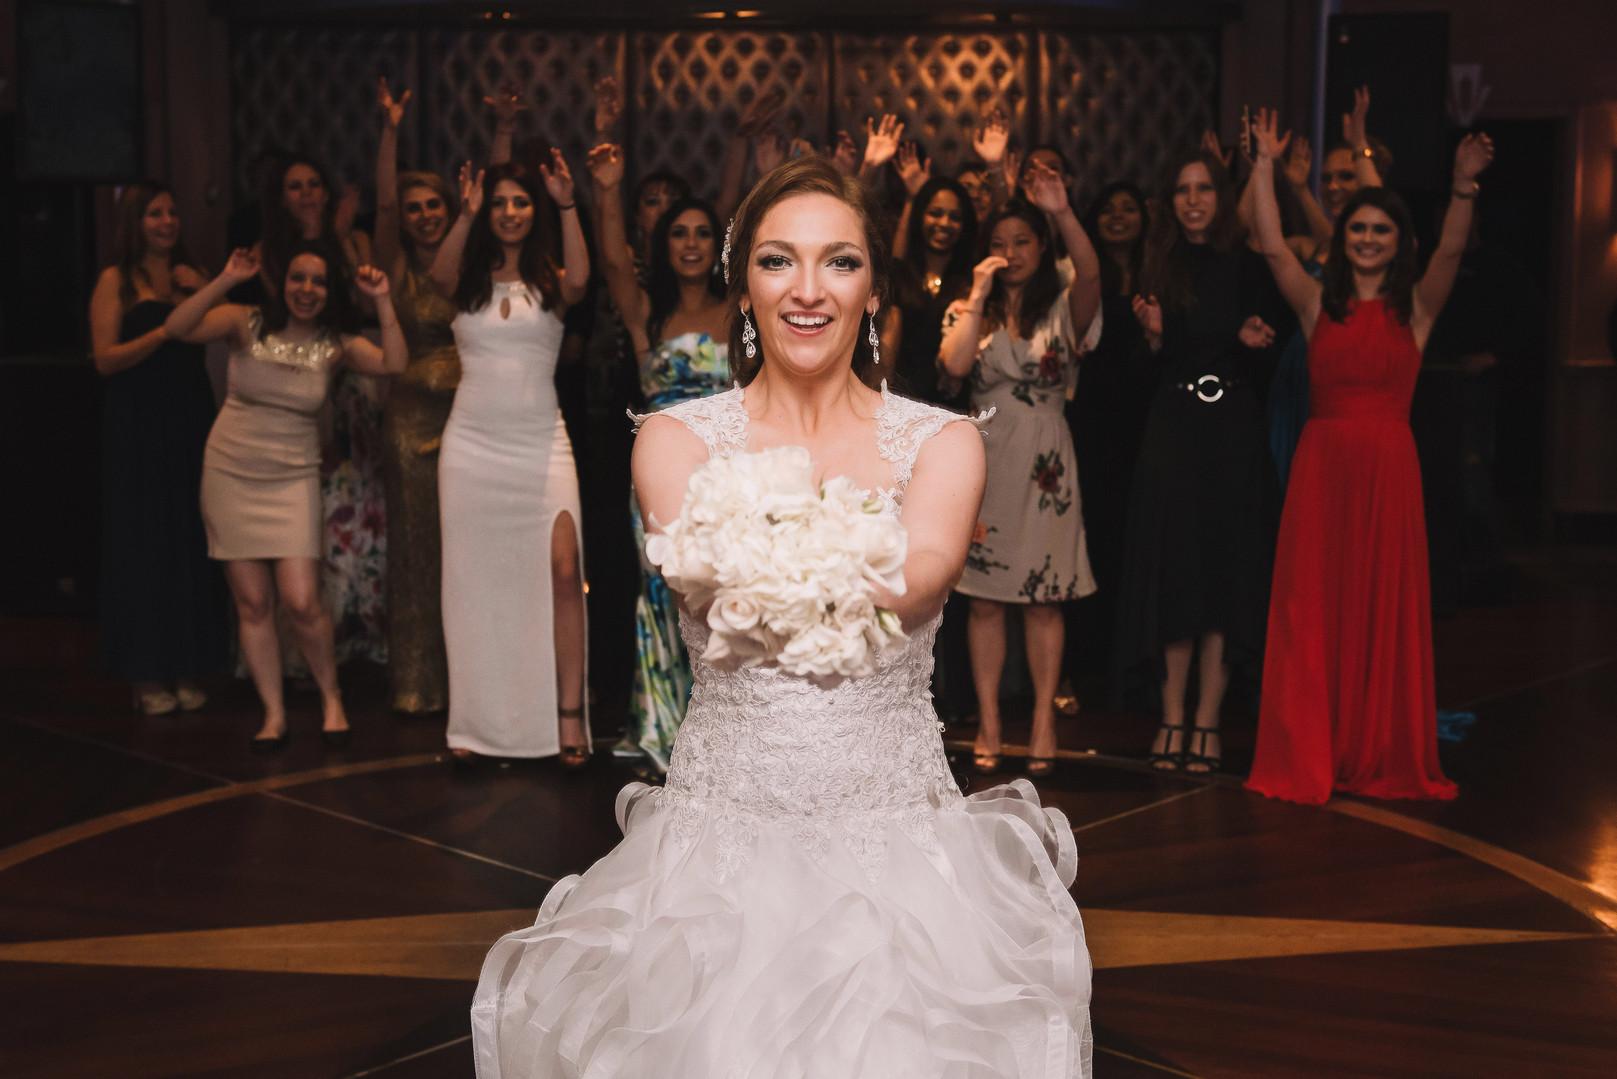 weddings-41-2.jpg